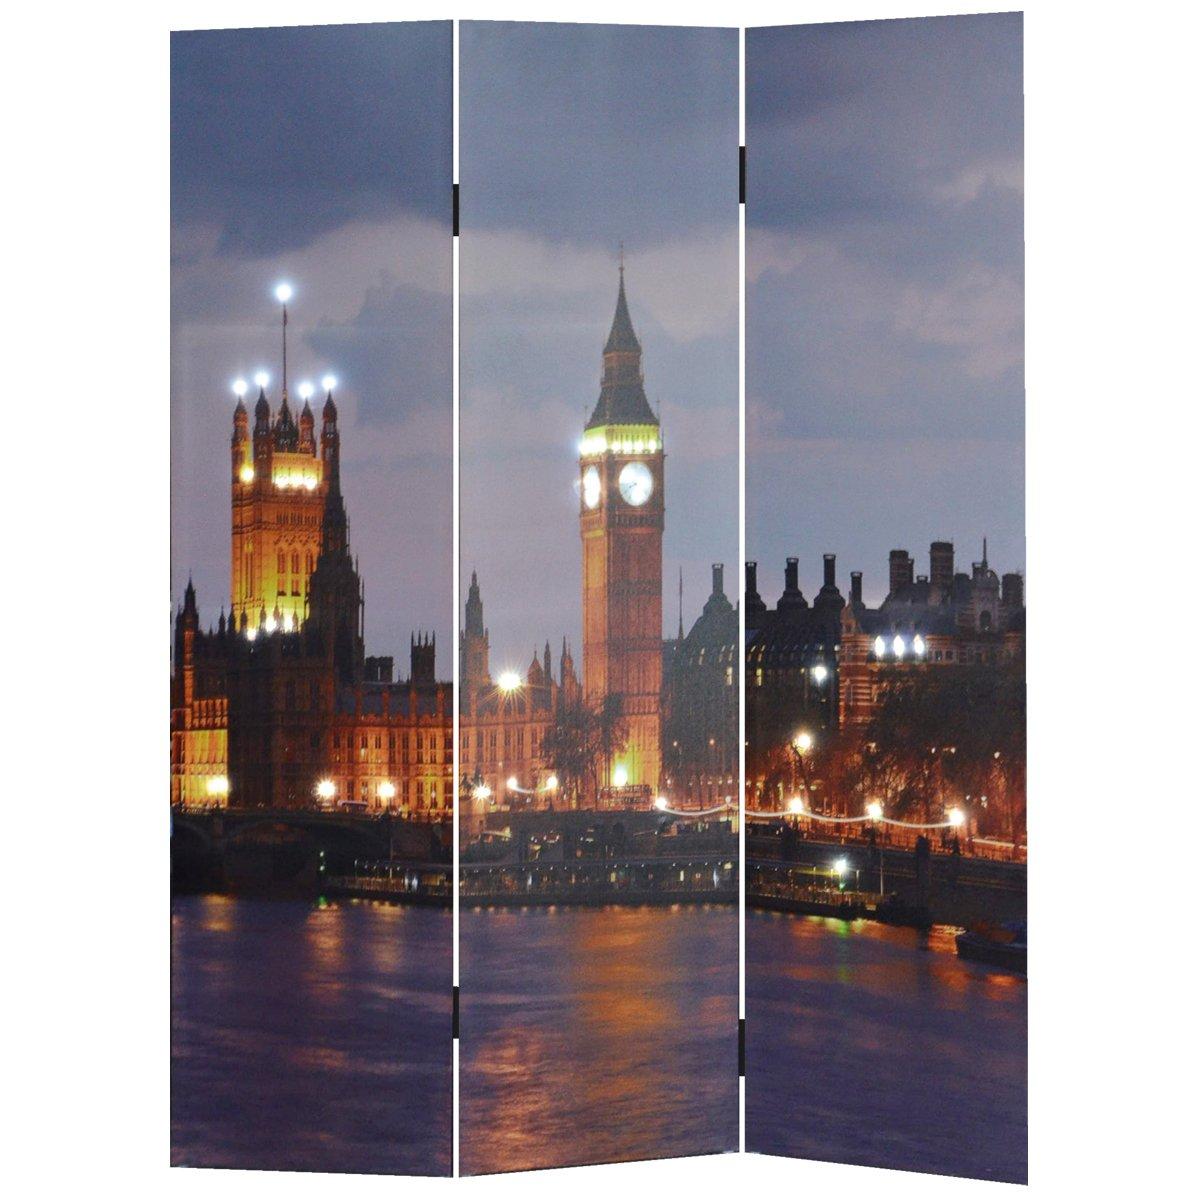 TLW direkt 9026 Paravent Big Ben 3-teilig mit LED